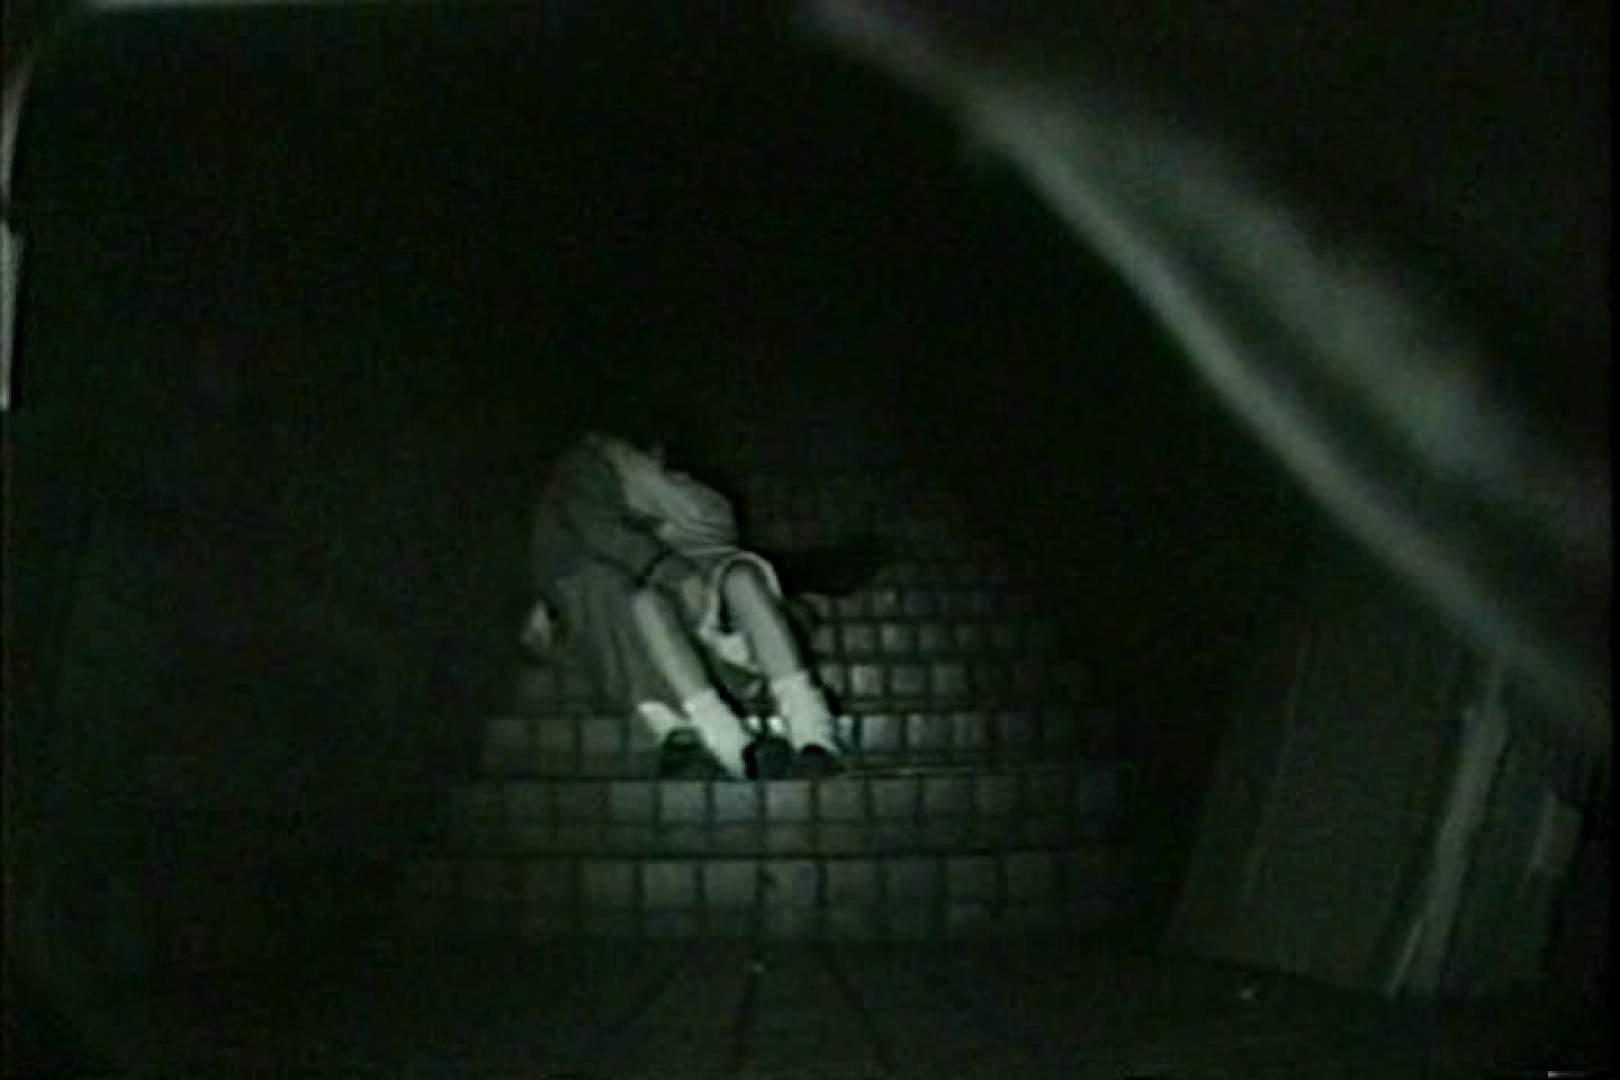 闇の仕掛け人 無修正版 Vol.17 セックス オマンコ動画キャプチャ 102pic 3